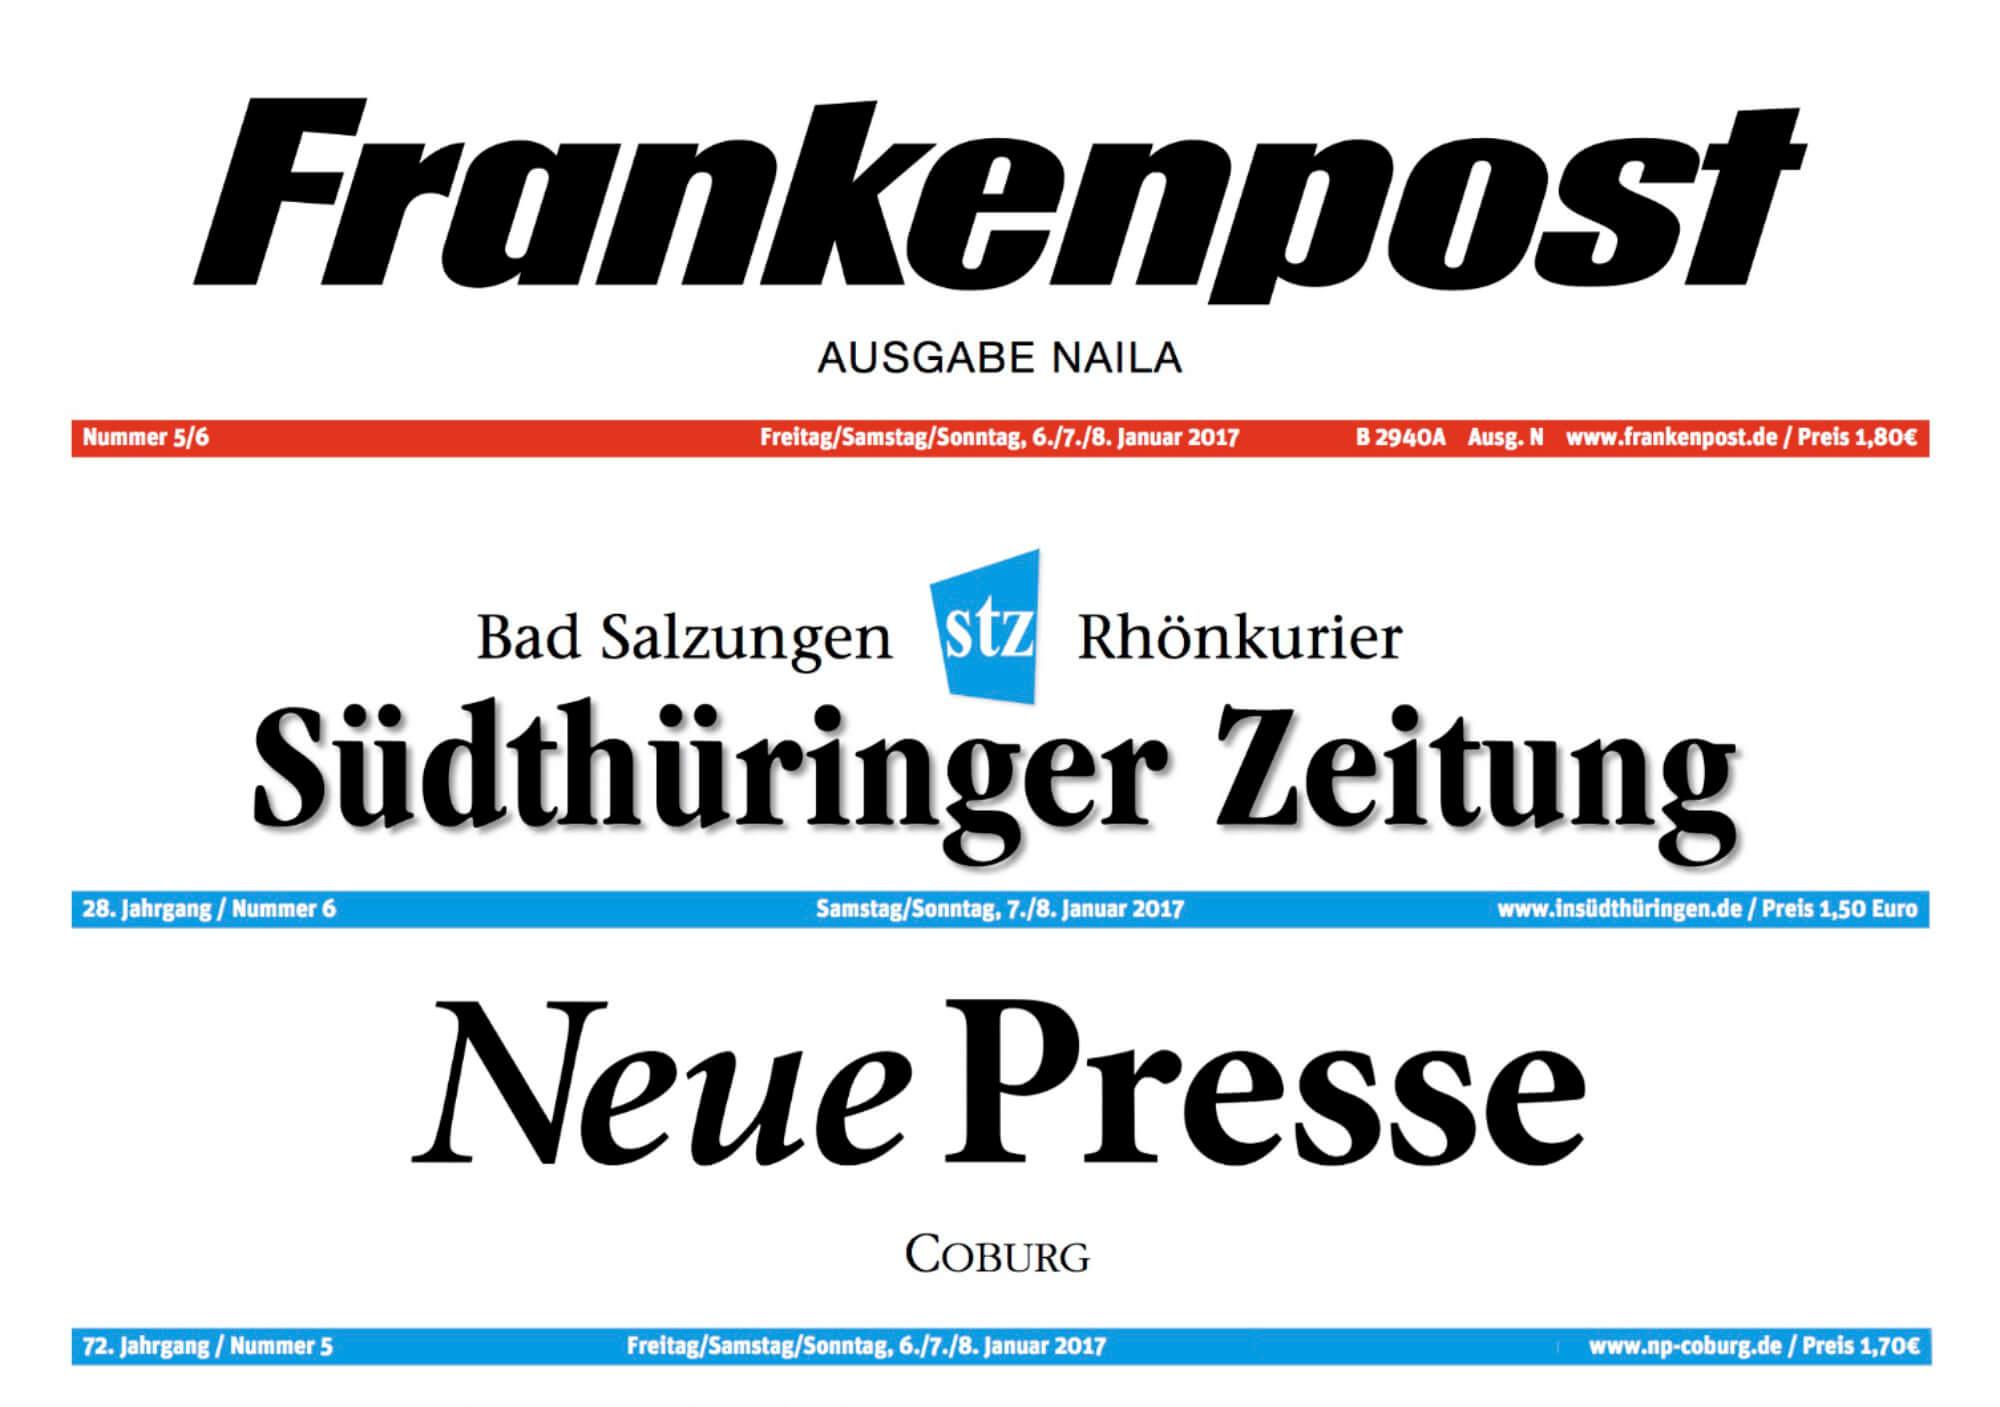 Frankenpost Südthüringer Zeitung Neue Presse Coburg